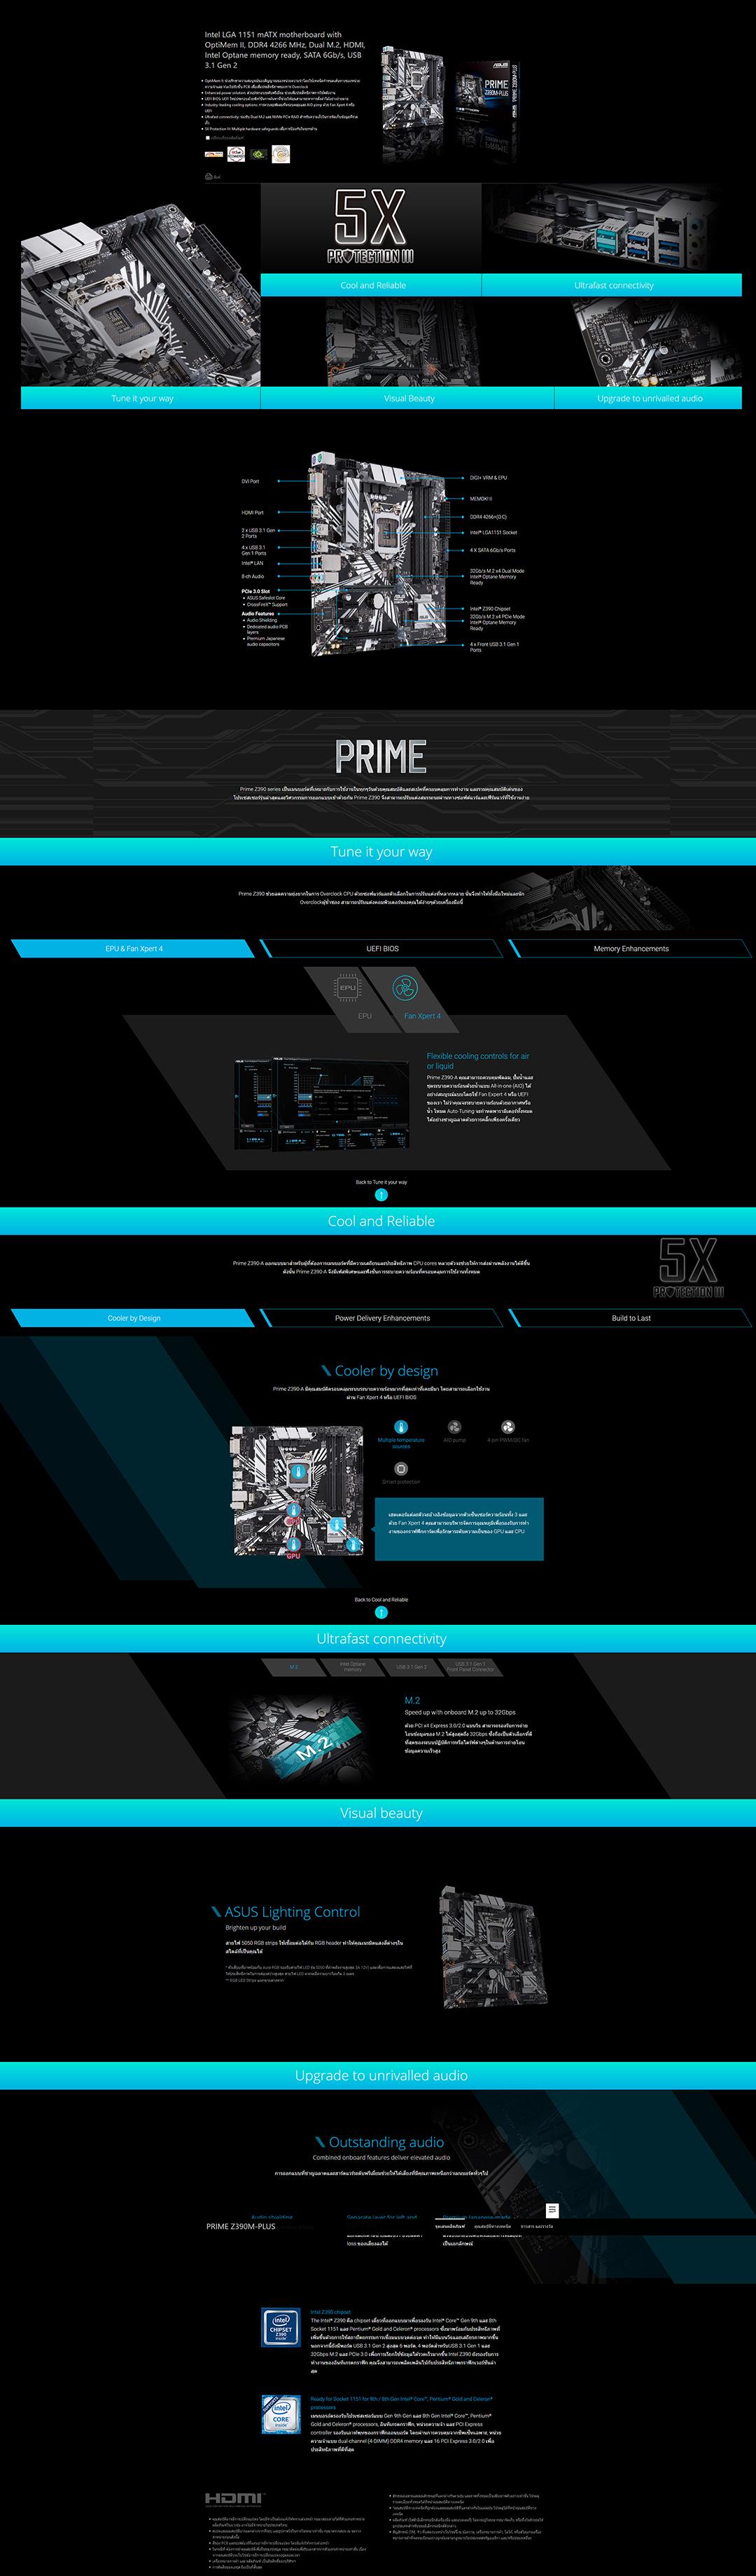 screenshot_2019-09-10-prime-z390m-plus-e0b980e0b8a1e0b899e0b89ae0b8ade0b8a3e0b98ce0b894-asus-e0b89be0b8a3e0b8b0e0b980e0b897e0b8a8e0b984e0b897e0b8a2